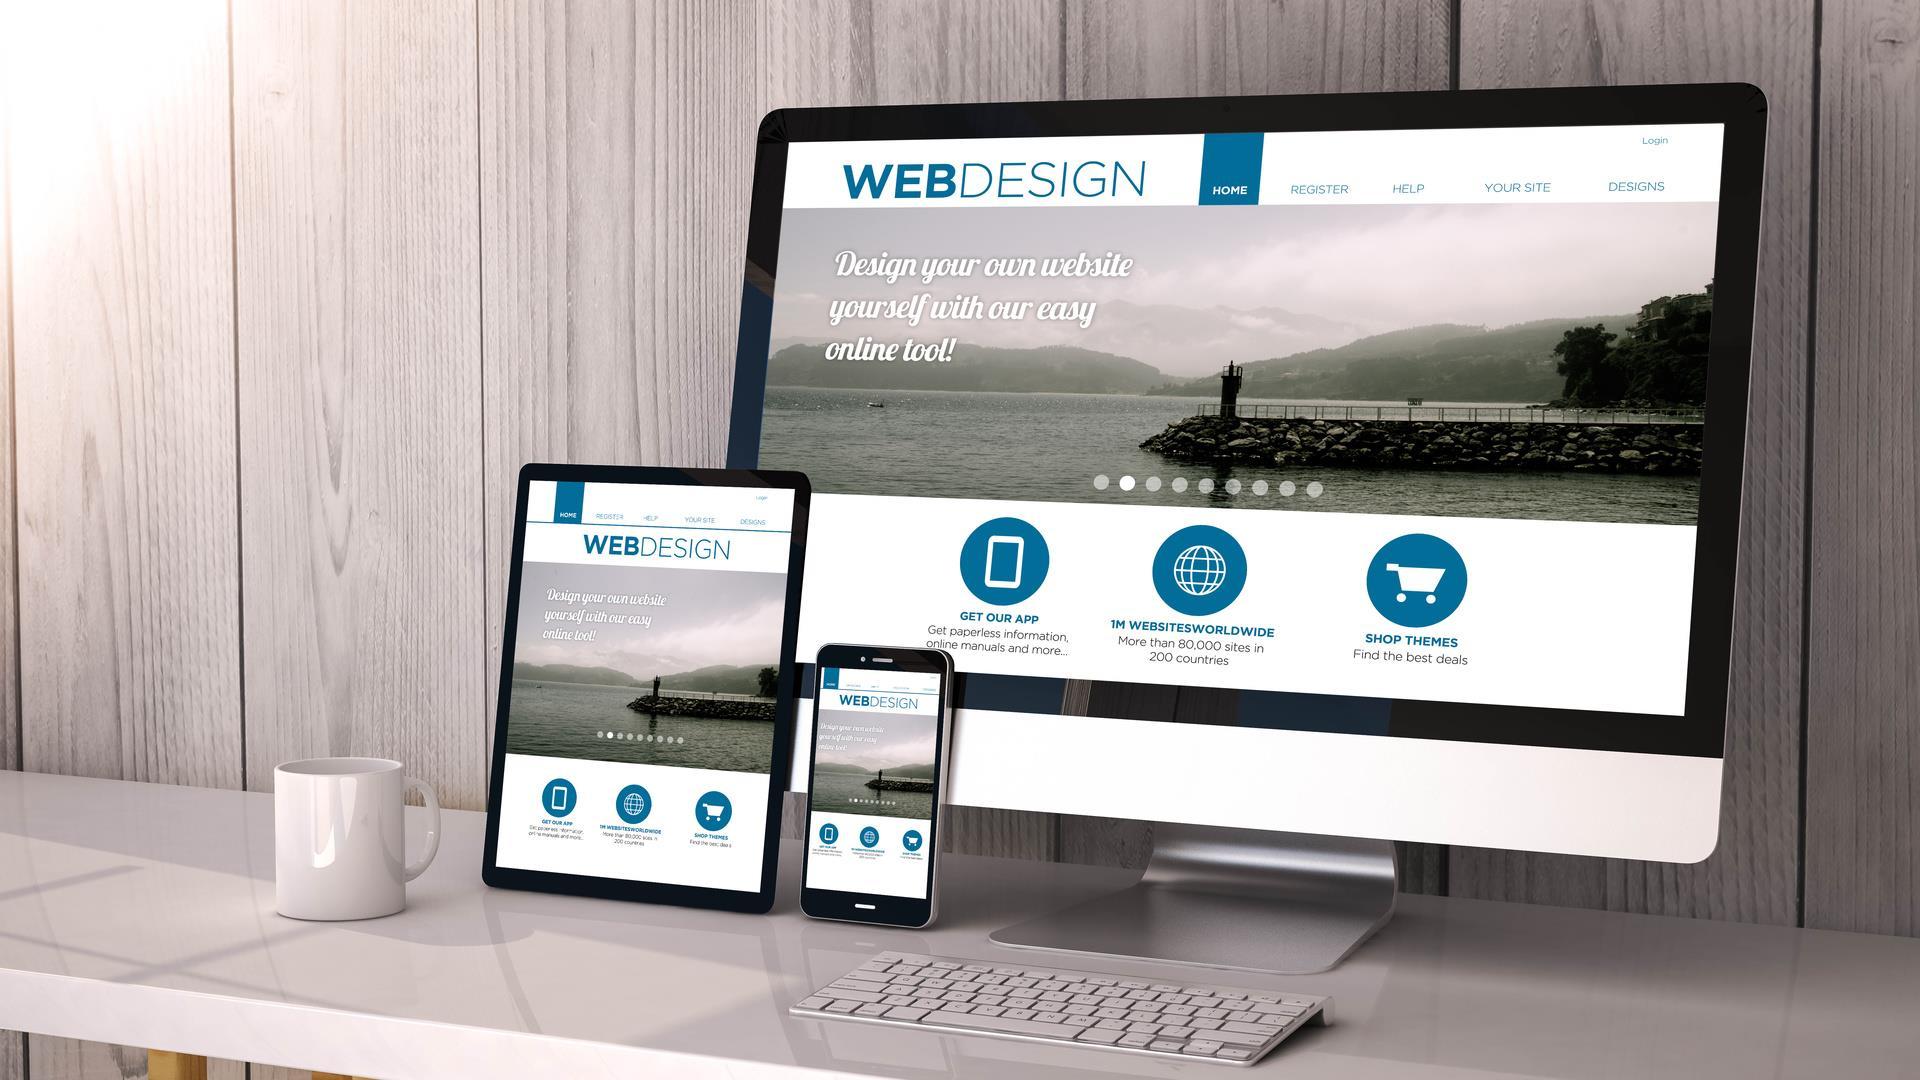 sapo web cung cấp dịch vụ thiết kế website theo yêu cầu